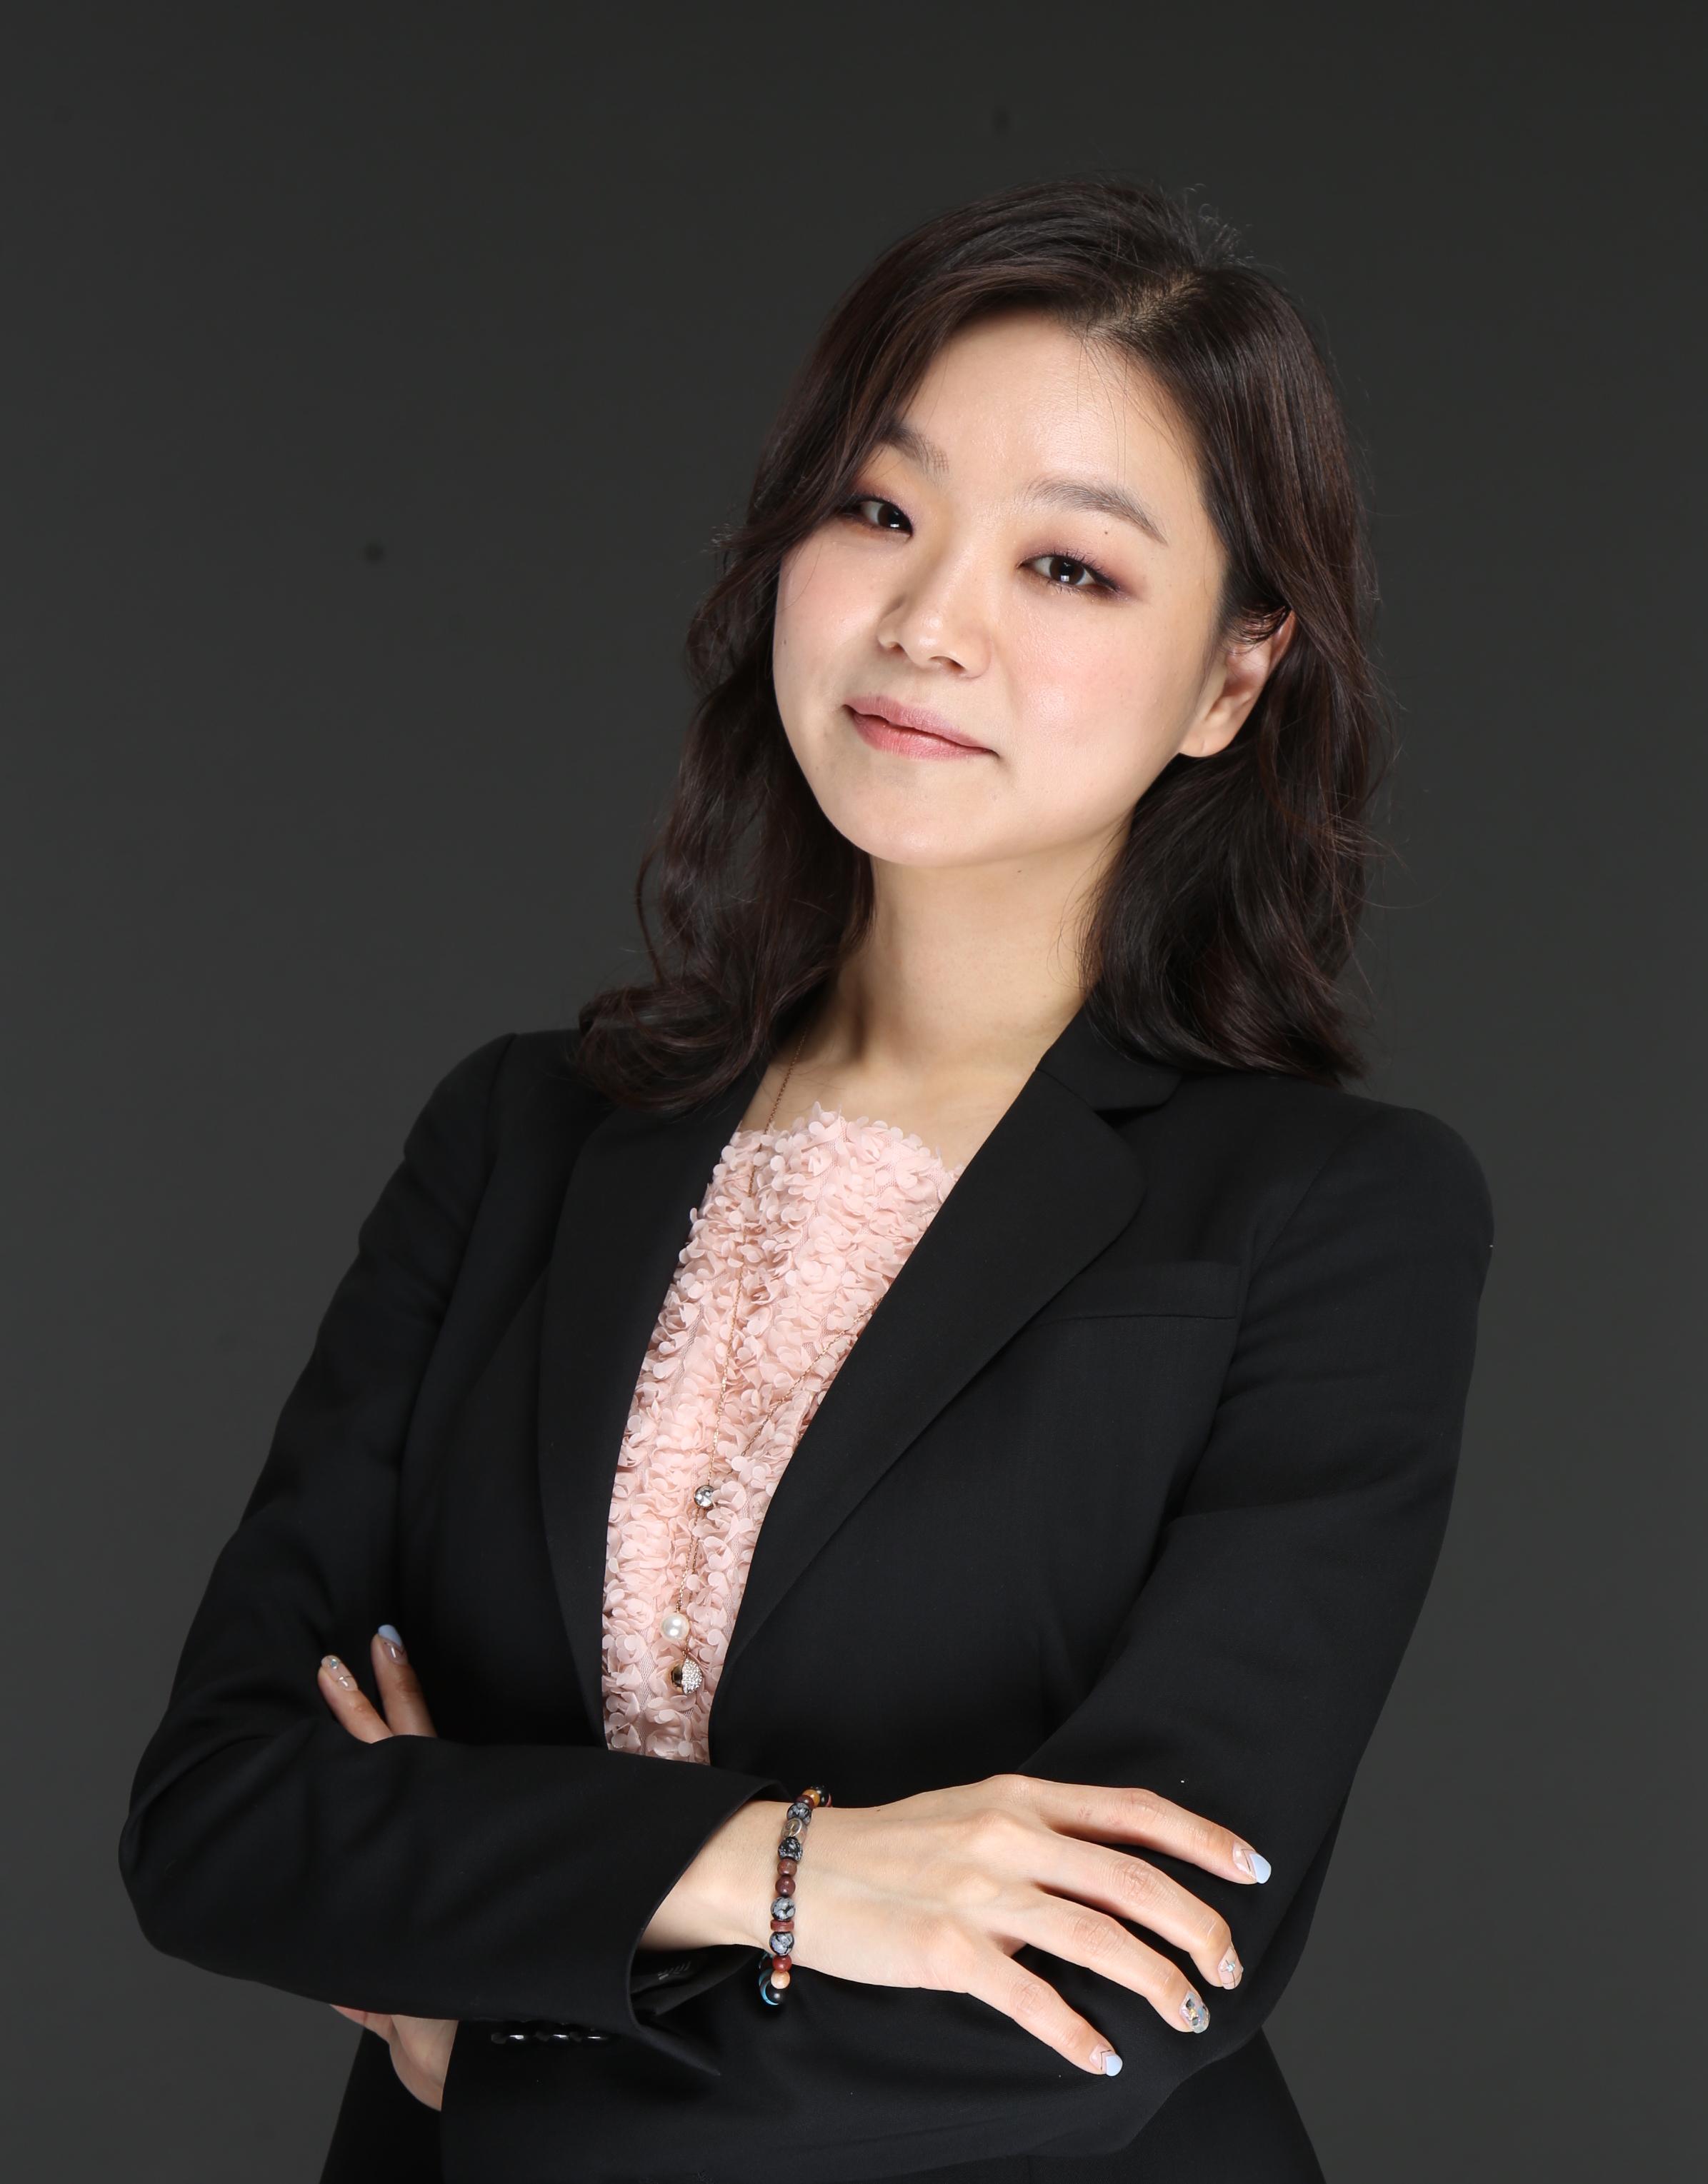 김연미 프로필 사진